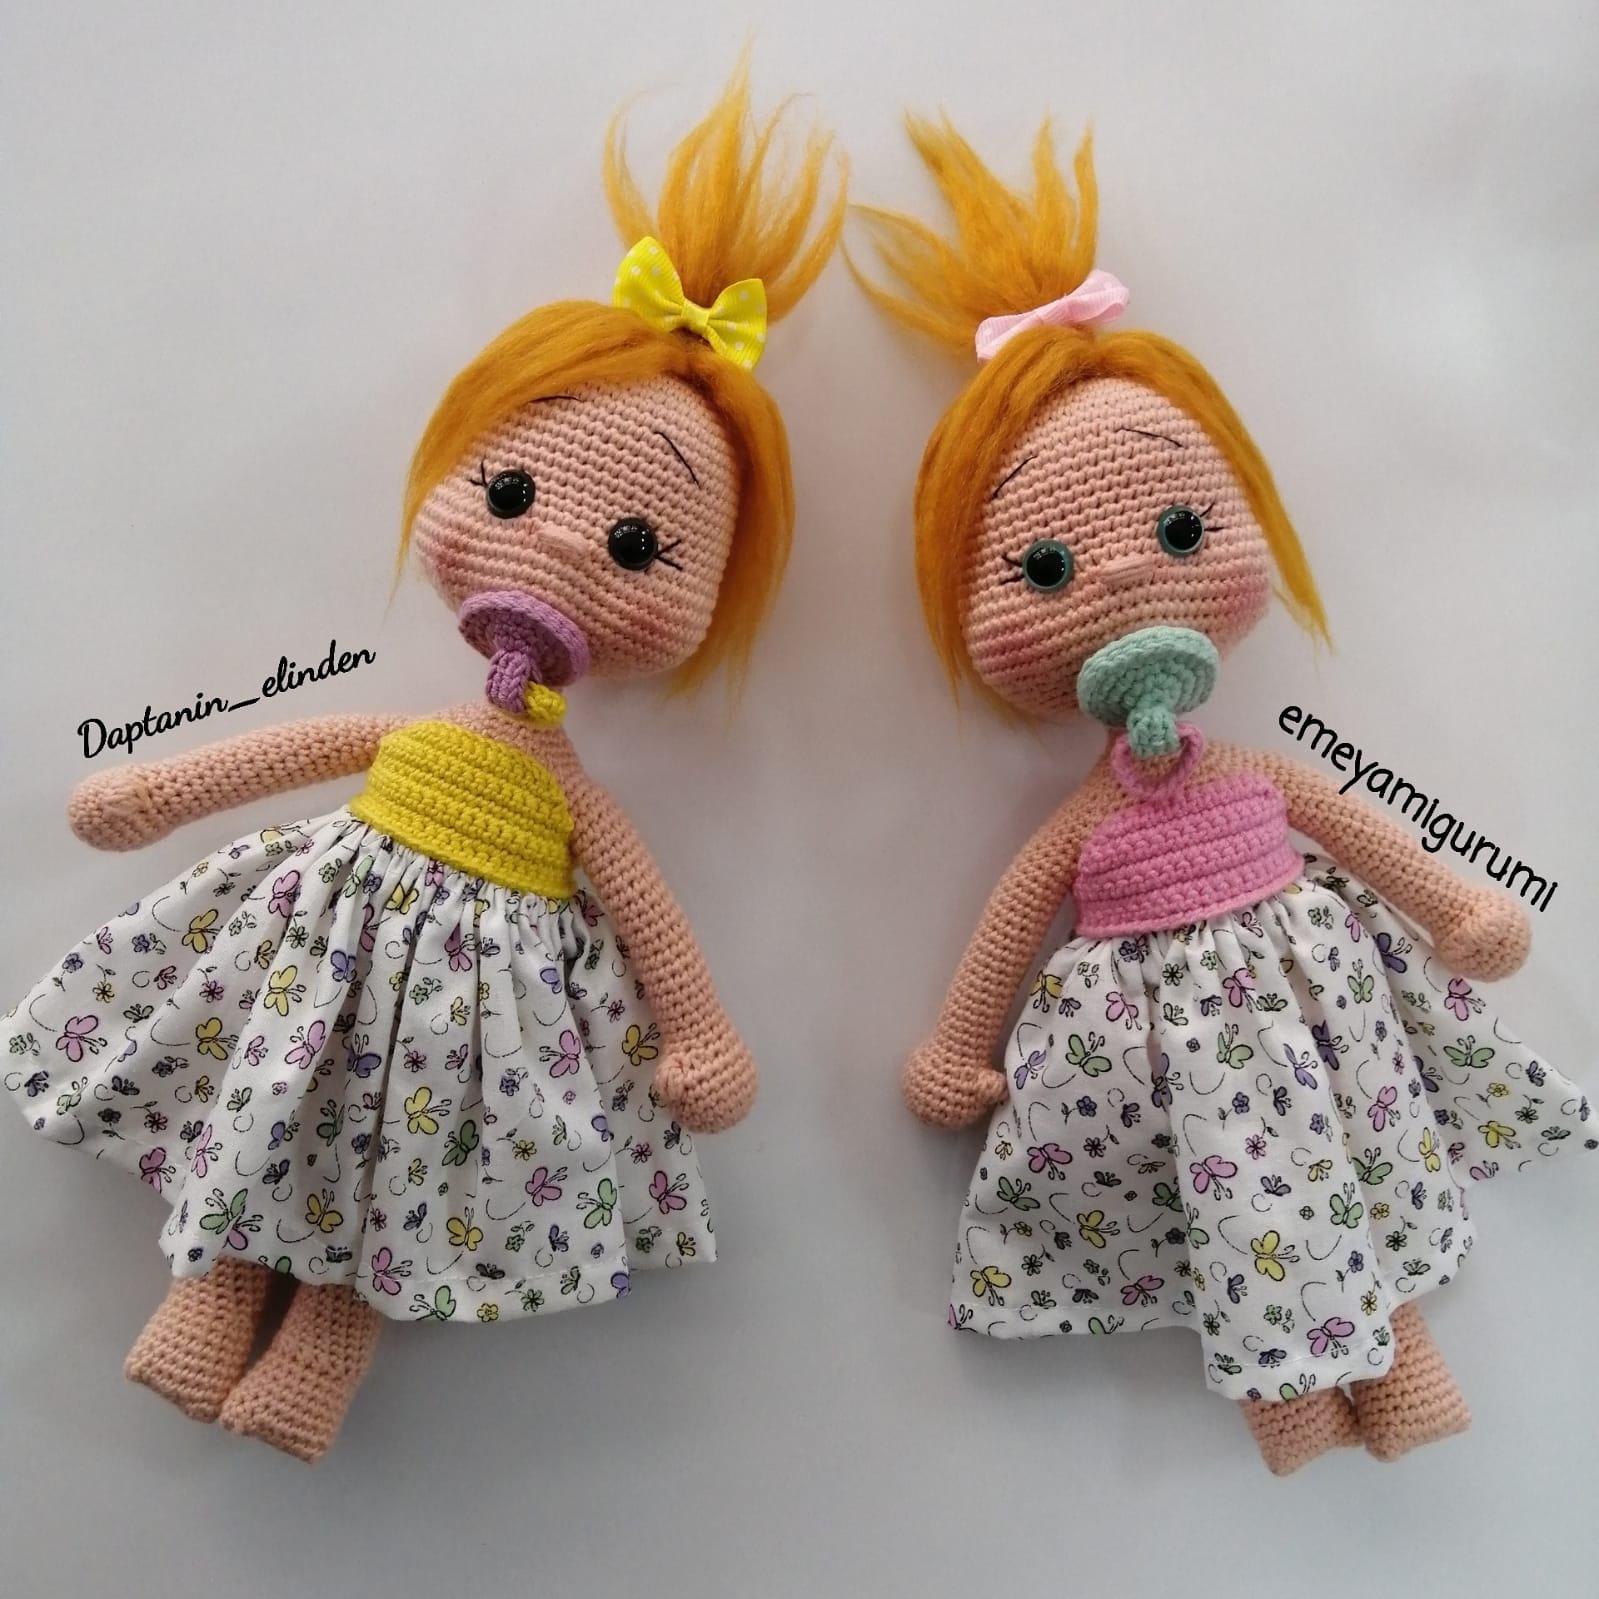 Amigurumi oyuncak bebek yapımı anlatımlı modelleri | 1599x1599